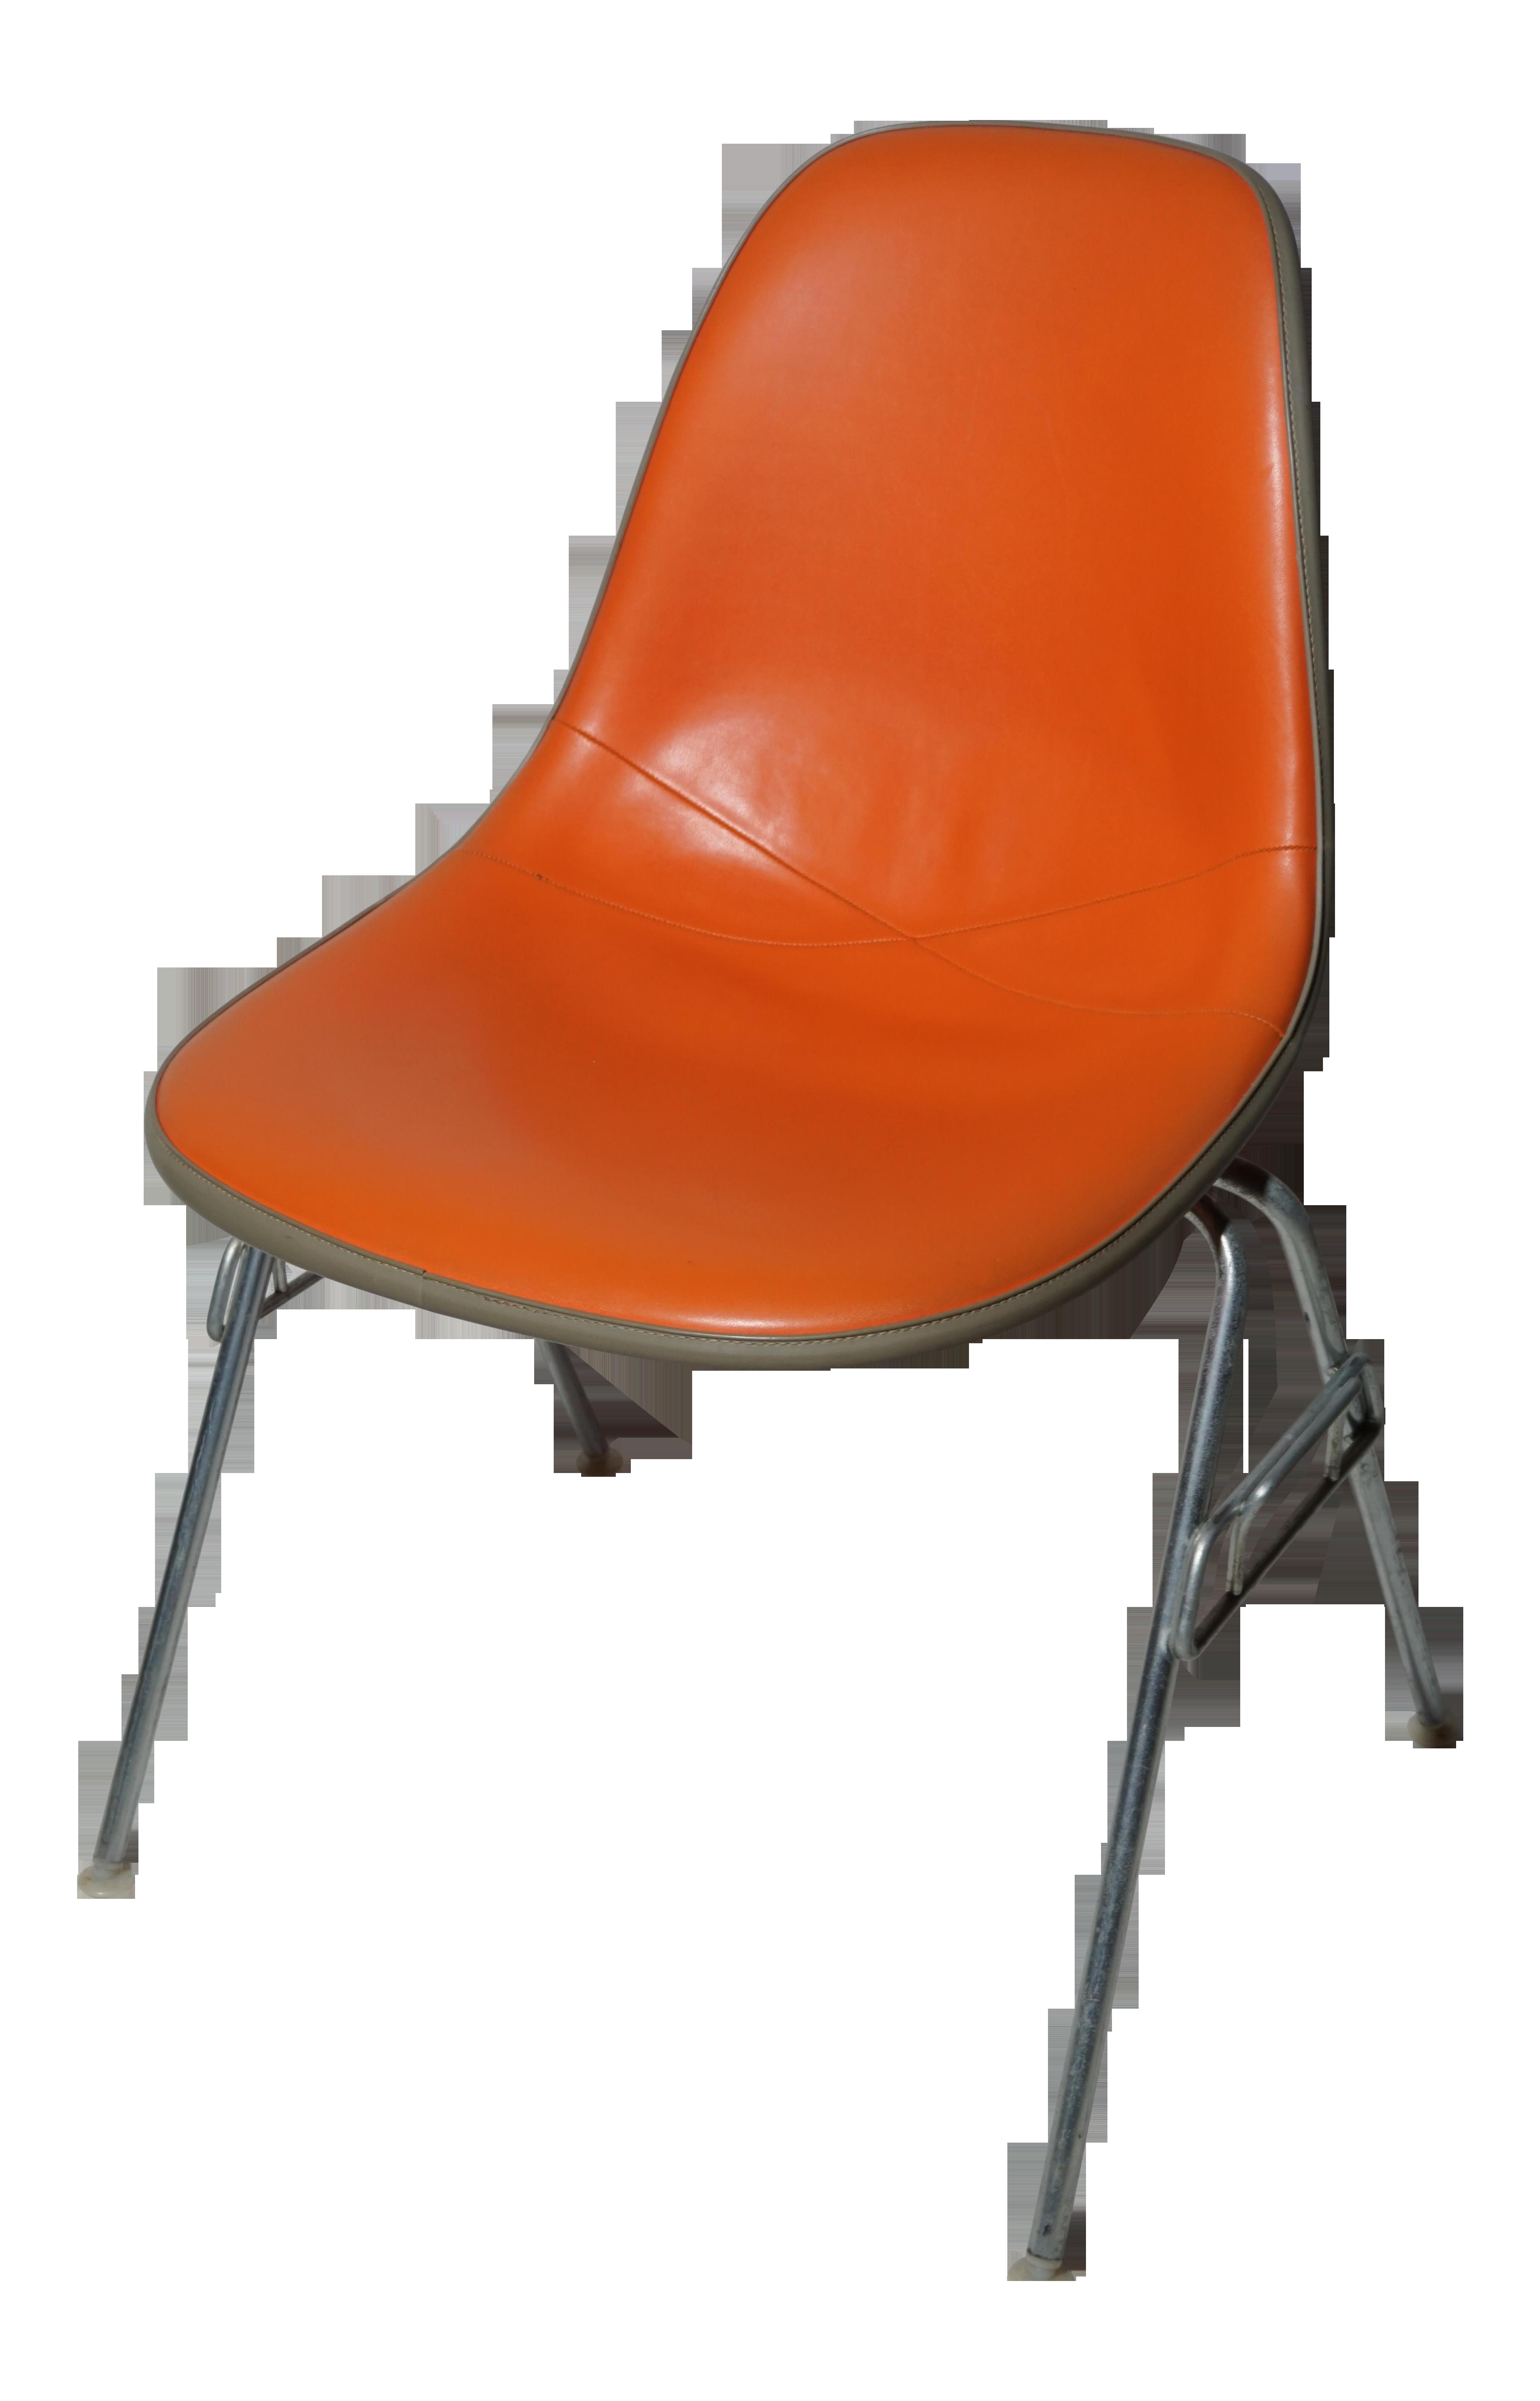 Vintage Herman Miller Chairs >> Herman Miller Eames Vintage Dss Orange Chair